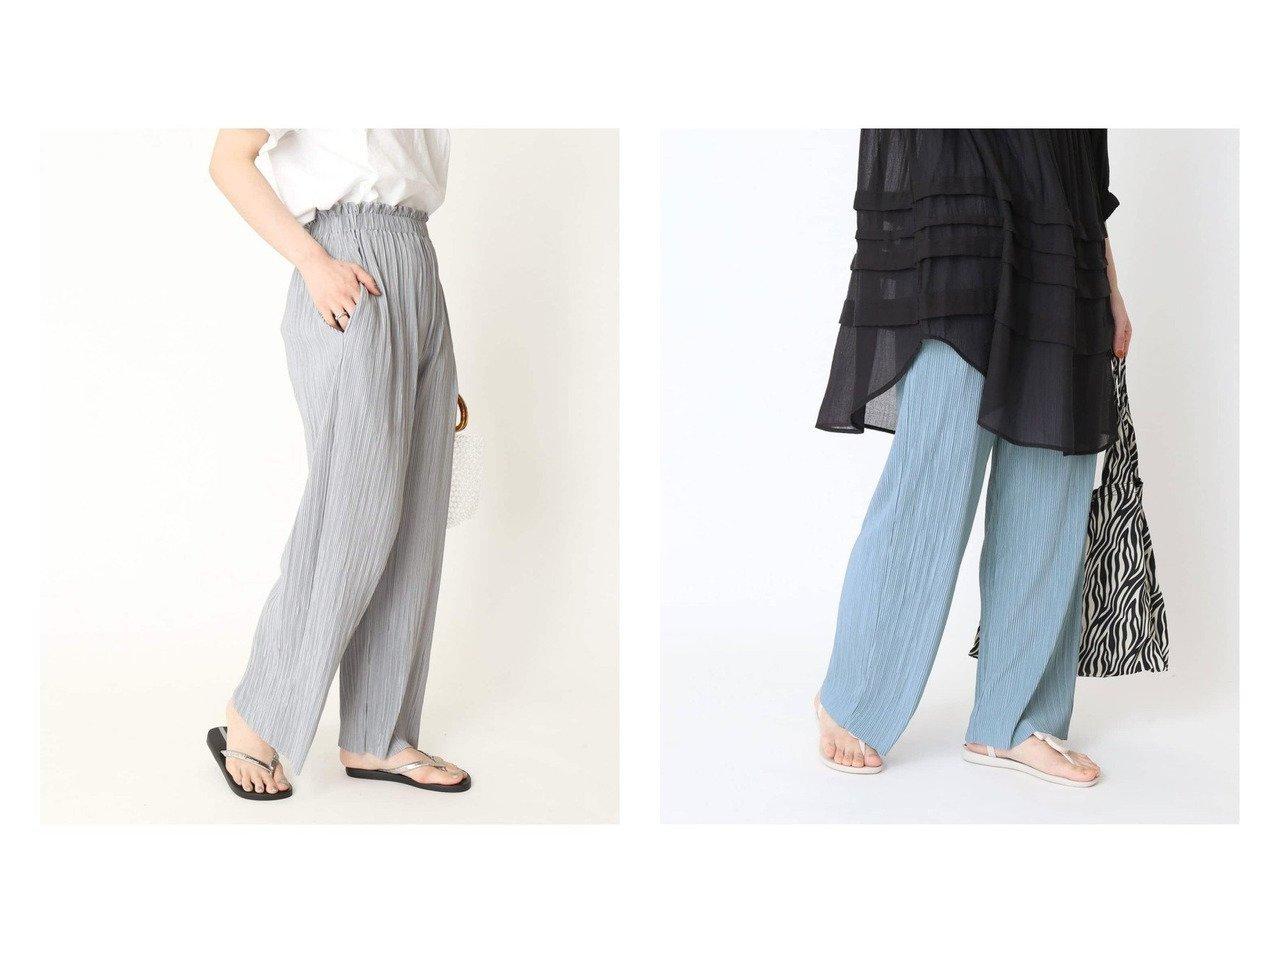 【B.C STOCK/ベーセーストック】のワッシャージャガードカットパンツ 【パンツ】おすすめ!人気、トレンド・レディースファッションの通販 おすすめで人気の流行・トレンド、ファッションの通販商品 インテリア・家具・メンズファッション・キッズファッション・レディースファッション・服の通販 founy(ファニー) https://founy.com/ ファッション Fashion レディースファッション WOMEN パンツ Pants サテン ジーンズ セットアップ トレンド 2021年 2021 S/S・春夏 SS・Spring/Summer 2021春夏・S/S SS/Spring/Summer/2021 お家時間・ステイホーム Home Time/Stay Home  ID:crp329100000060138